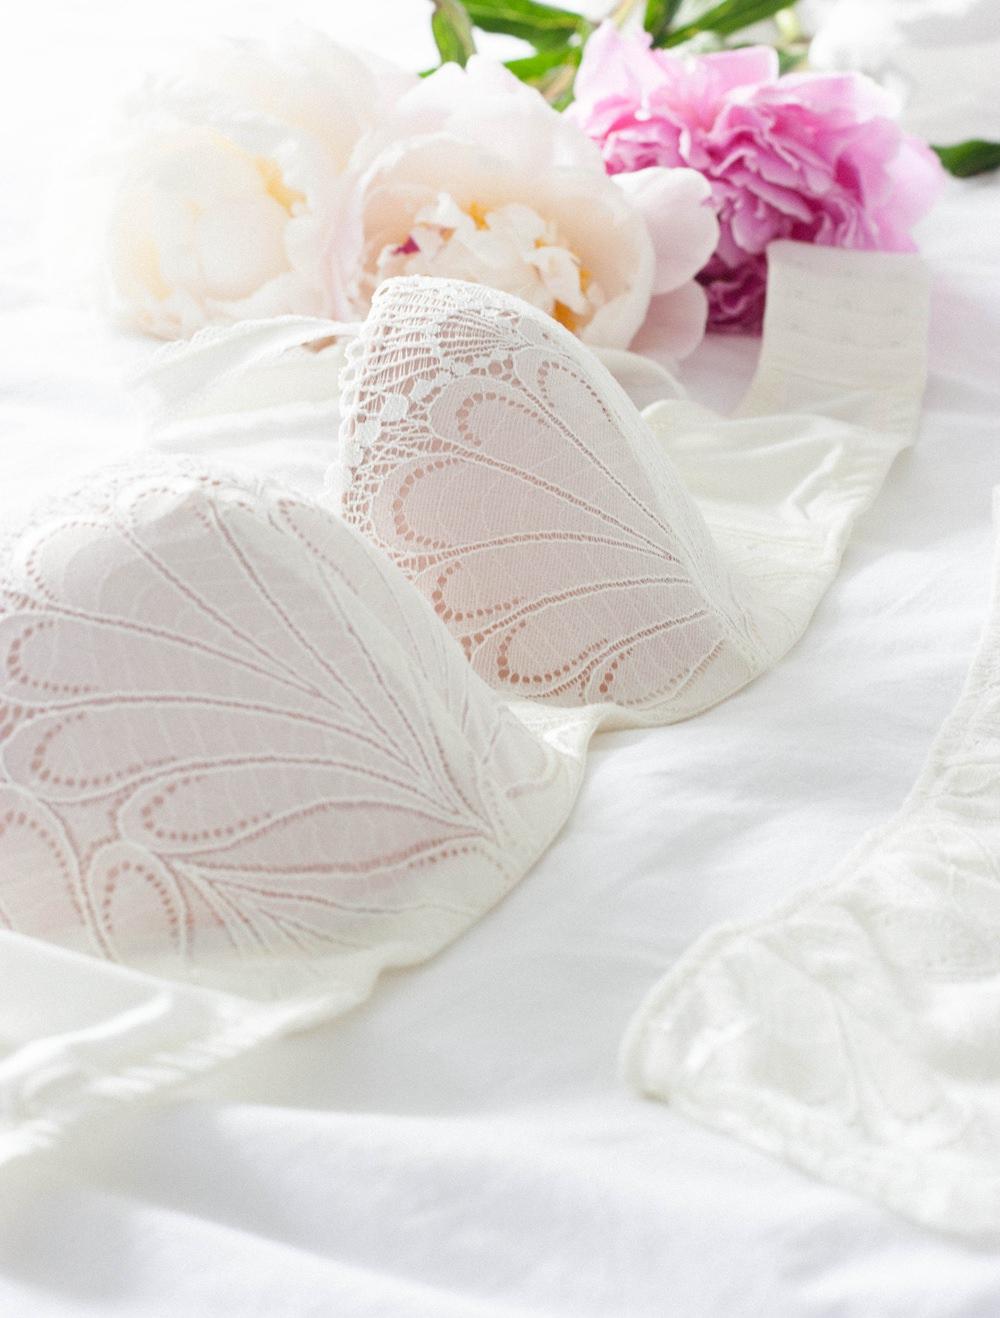 Bridal Wedding Lingerie Wonderbra Underwear Bride Bra Briefs